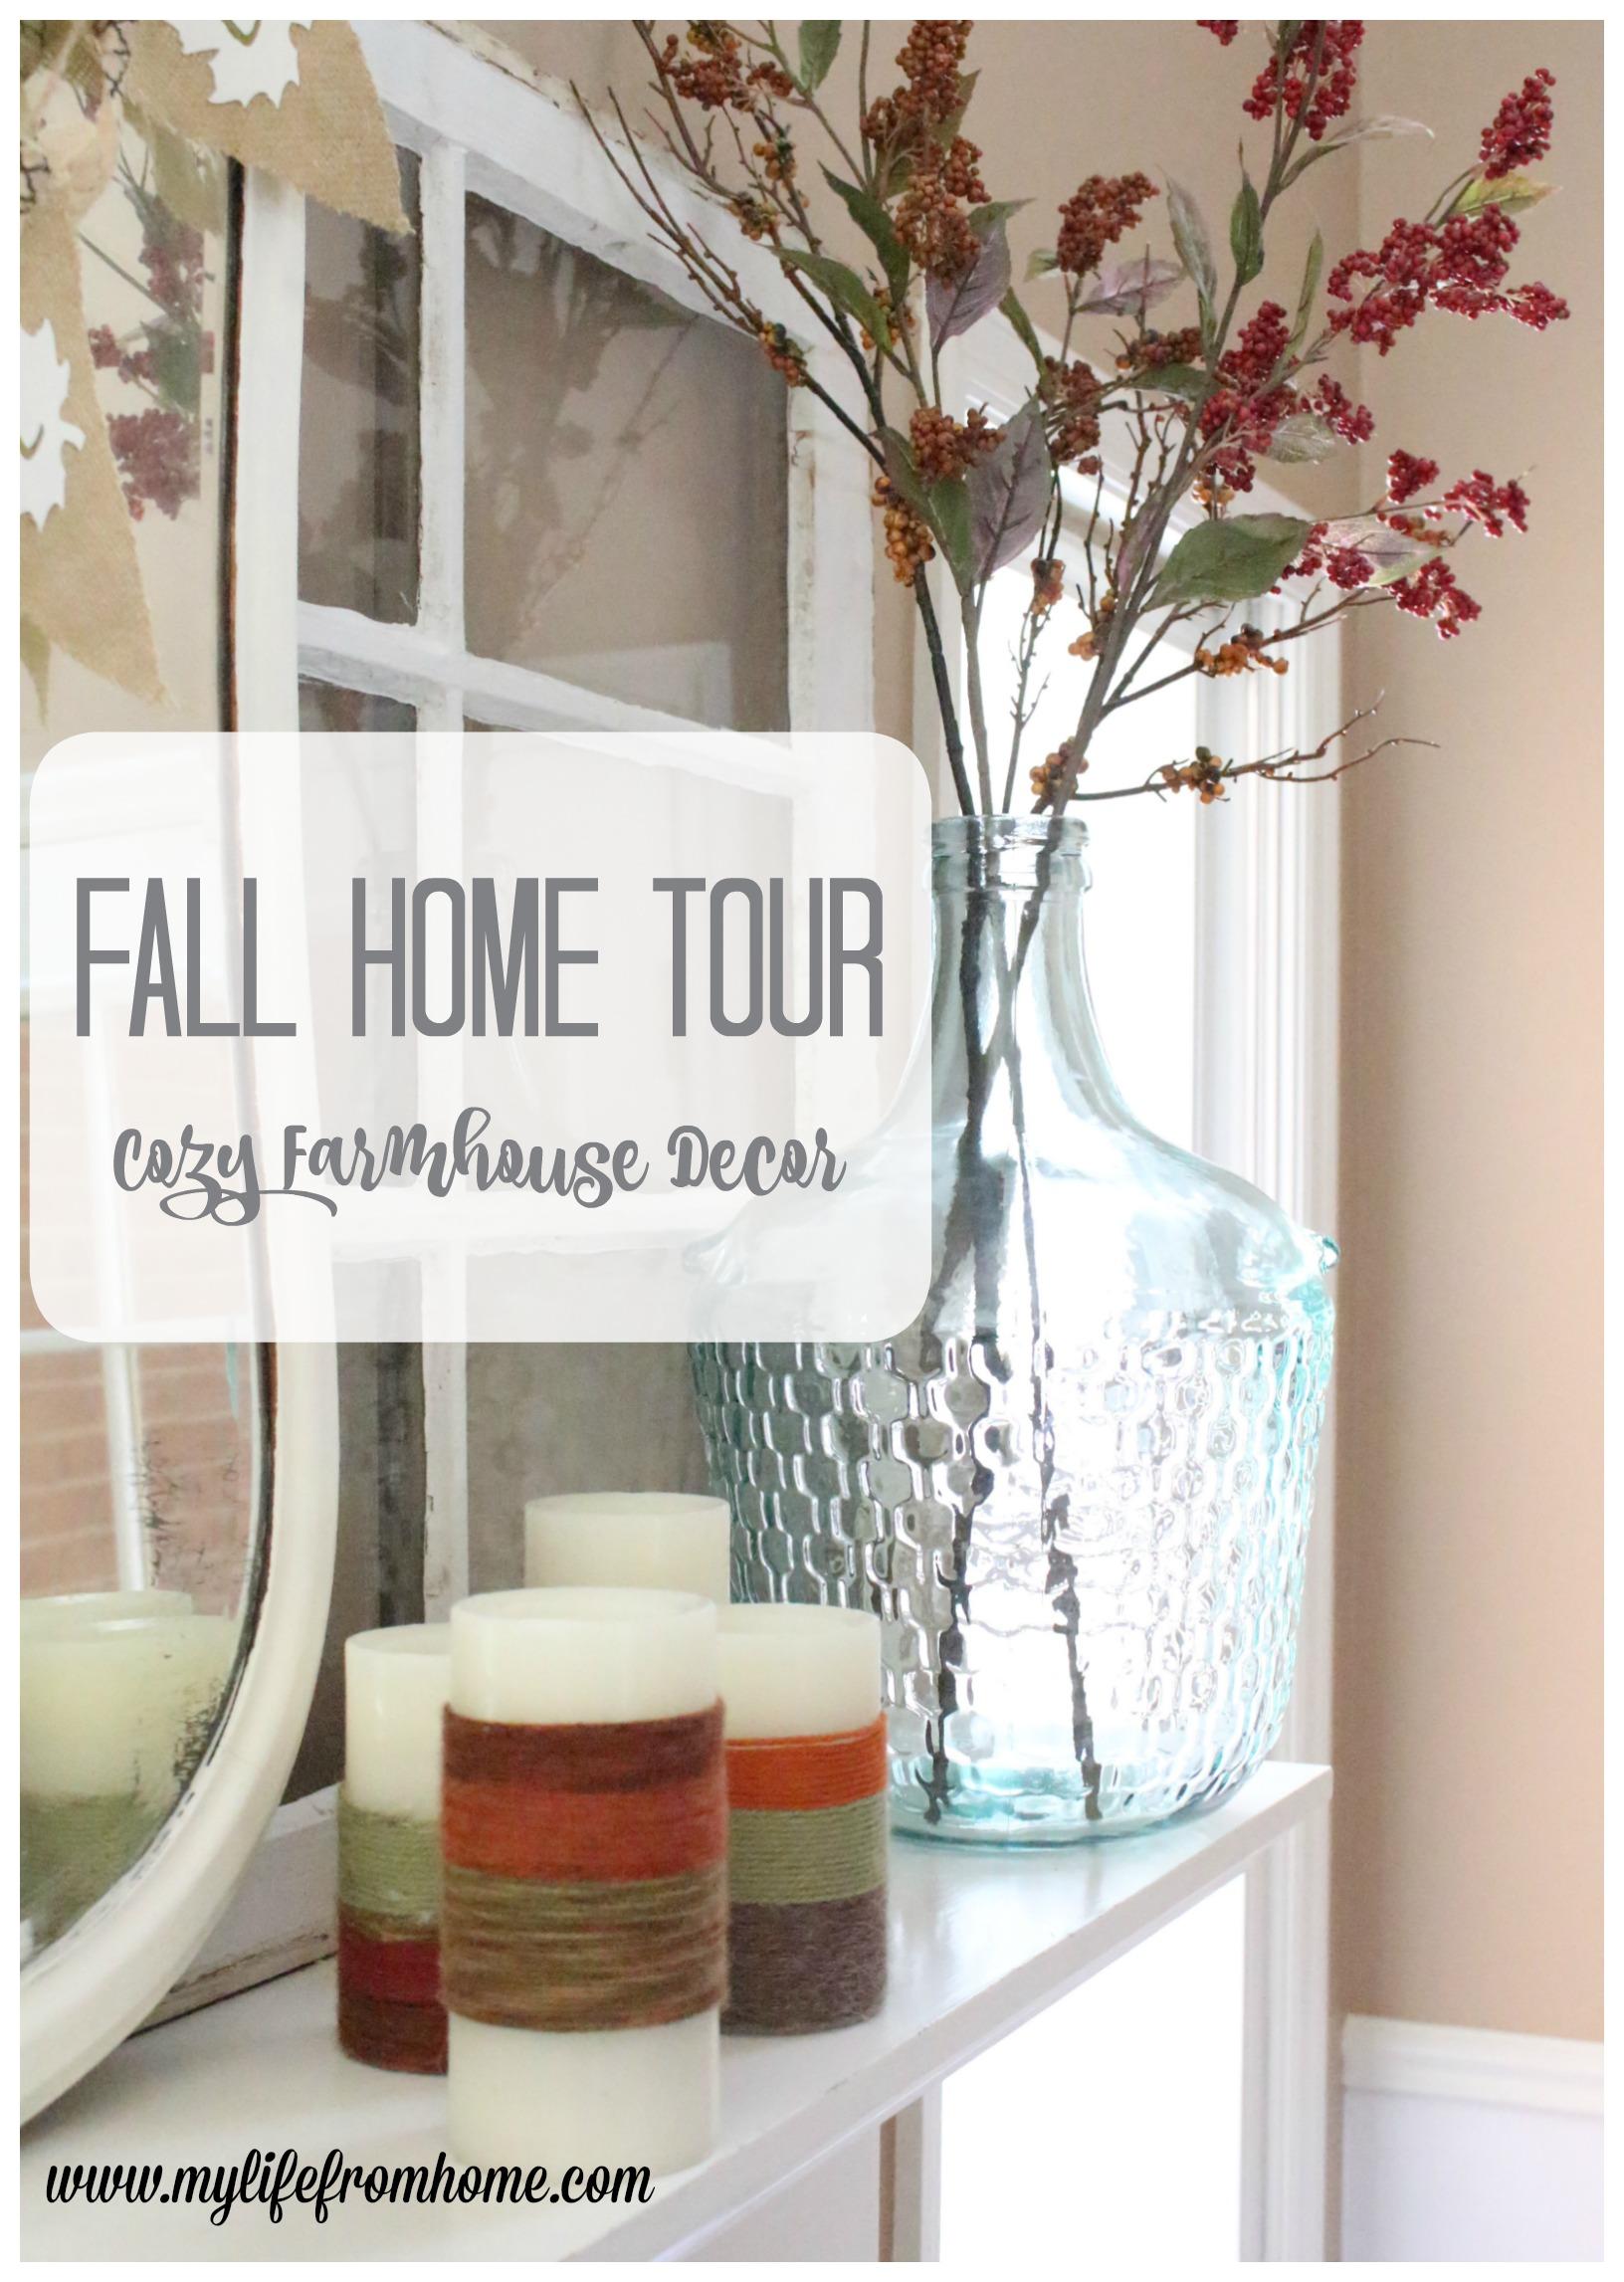 fall-home-tour-cozy-farmhouse-decor-autumn-fall-decor-seasonal-decorating-fall-decorating-decor-home-tour